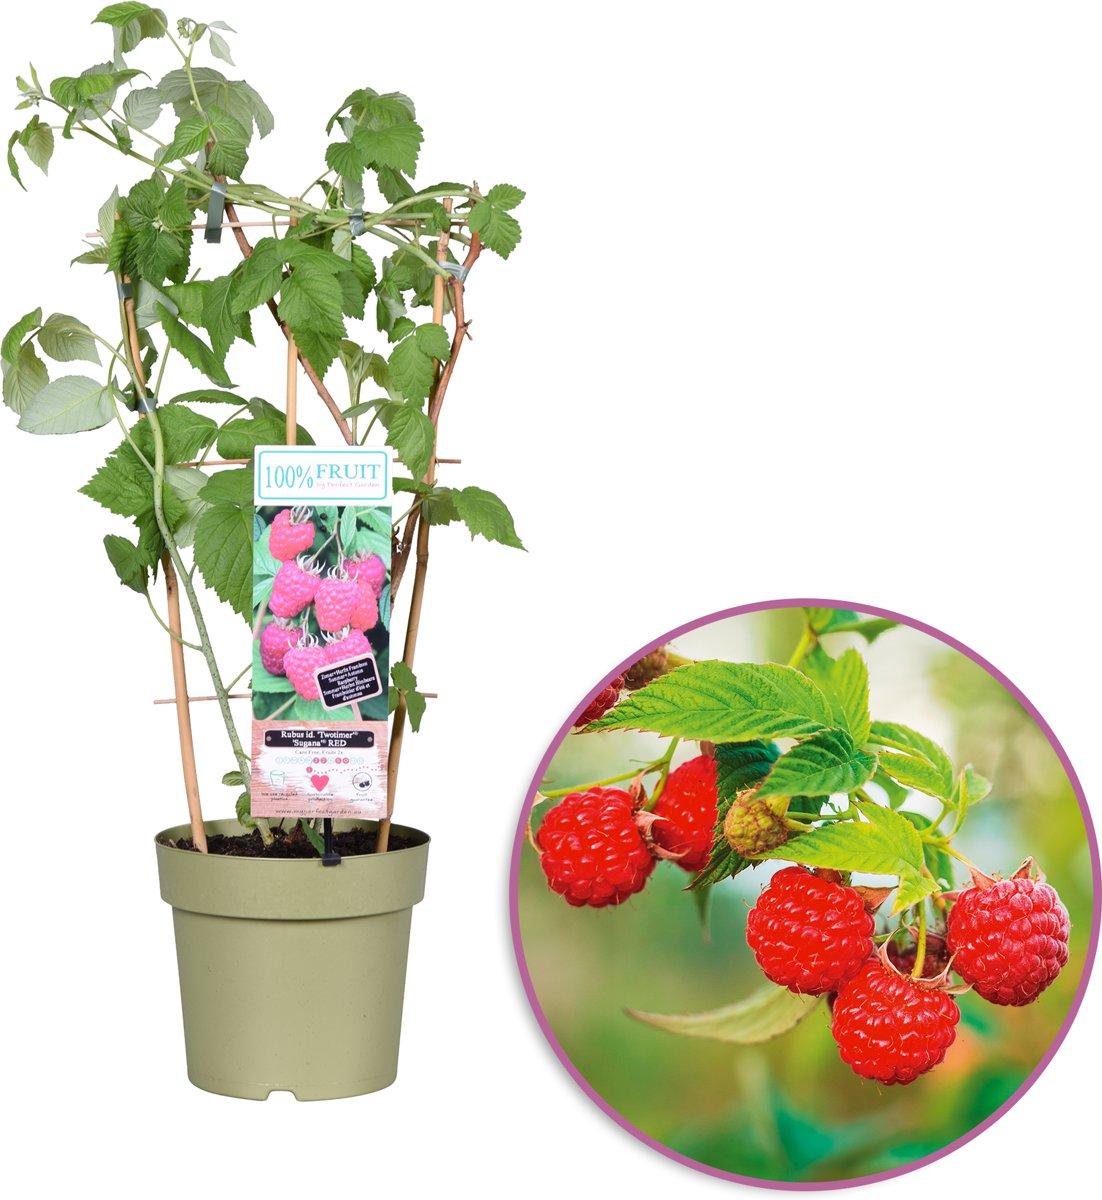 100% Fruit From Boskoop -Framboos - Rubus idaeus 'Two Timer' - zelfbestuivend, winterhard - tuinplant in kwekers pot ø 21 cm - hoogte 60-70 cm - op re